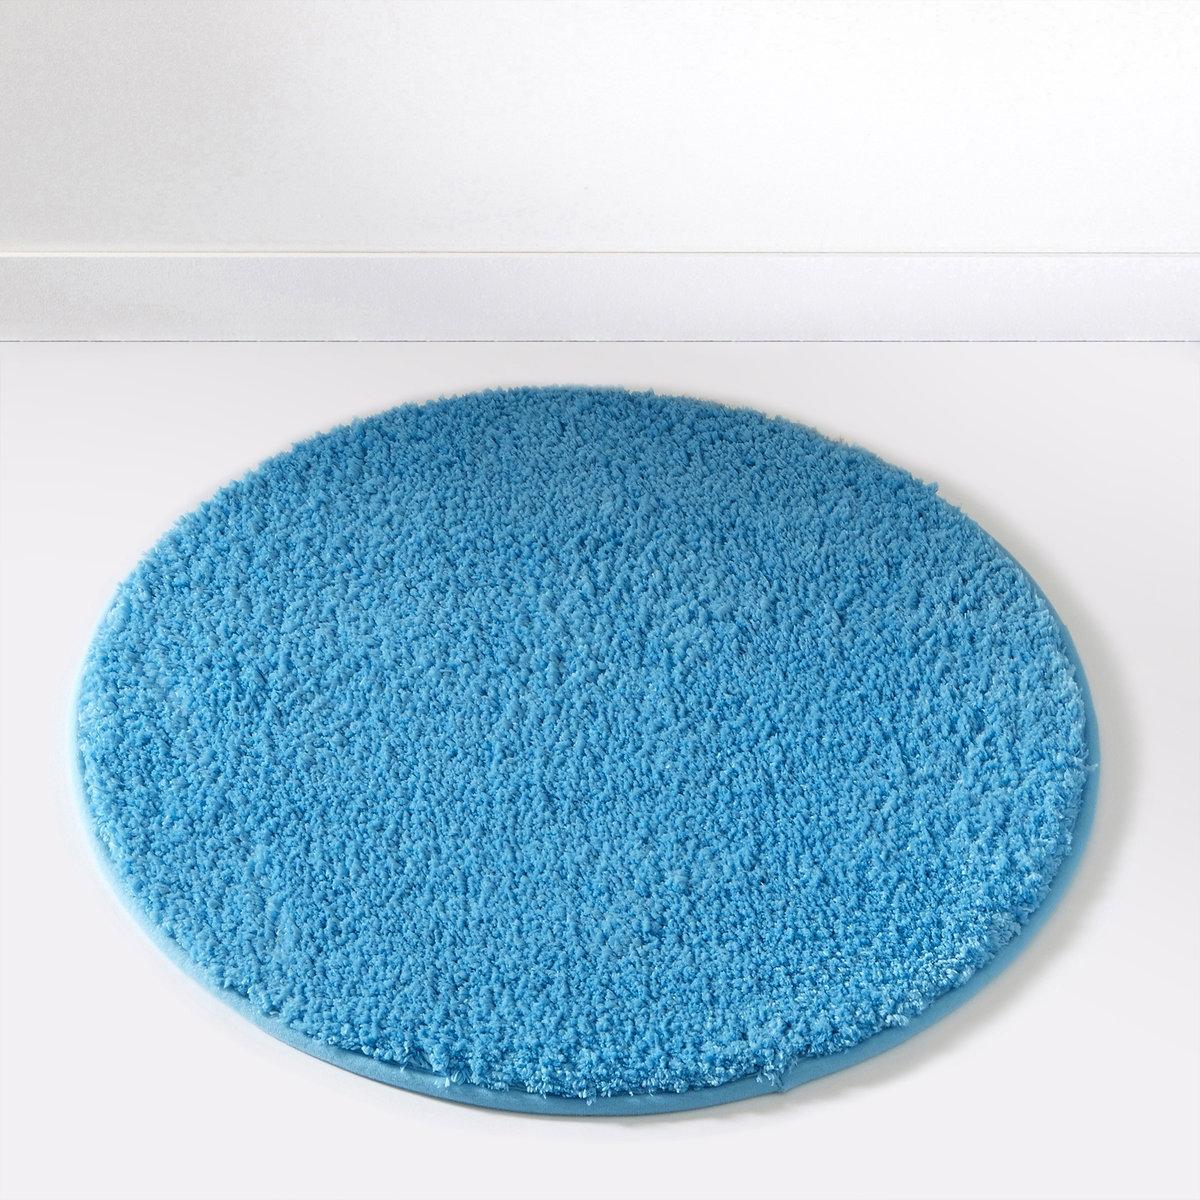 Коврик для ванной SCENARIOСостав коврика для ванной Scenario:Пушистая одноцветная микрофибра, 1500 г/м2.100% полиэстера.Диаметр коврика для ванной Scenario:60 см, 7 цветов: бежевый / белый / голубой / темно-серый / черный / зеленый анисовый / фиолетовый сливовый.<br><br>Цвет: Голубая лагуна<br>Размер: единый размер